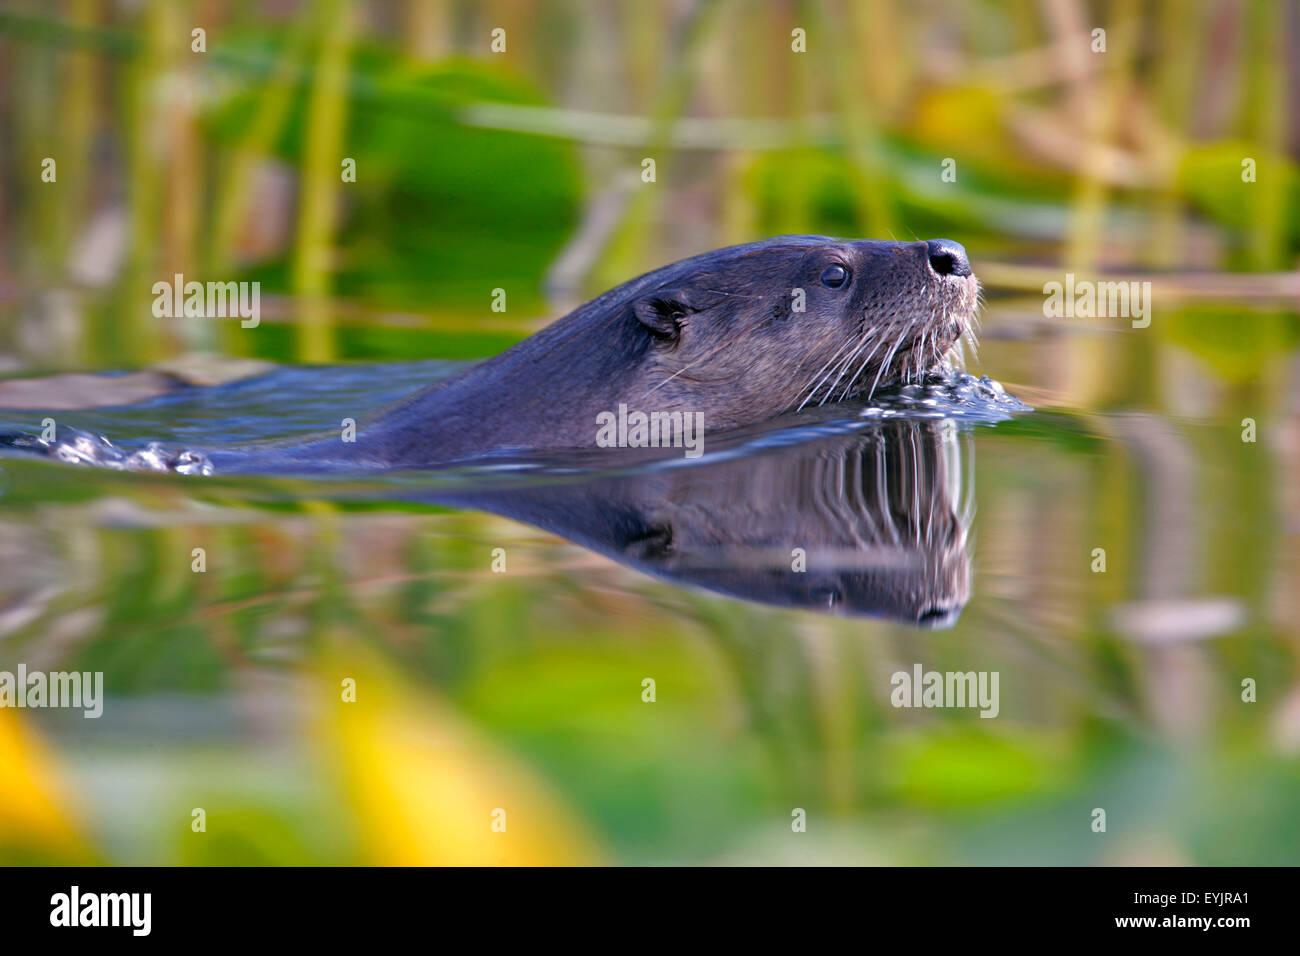 River otter Schwimmen im See, Nahaufnahme Stockbild